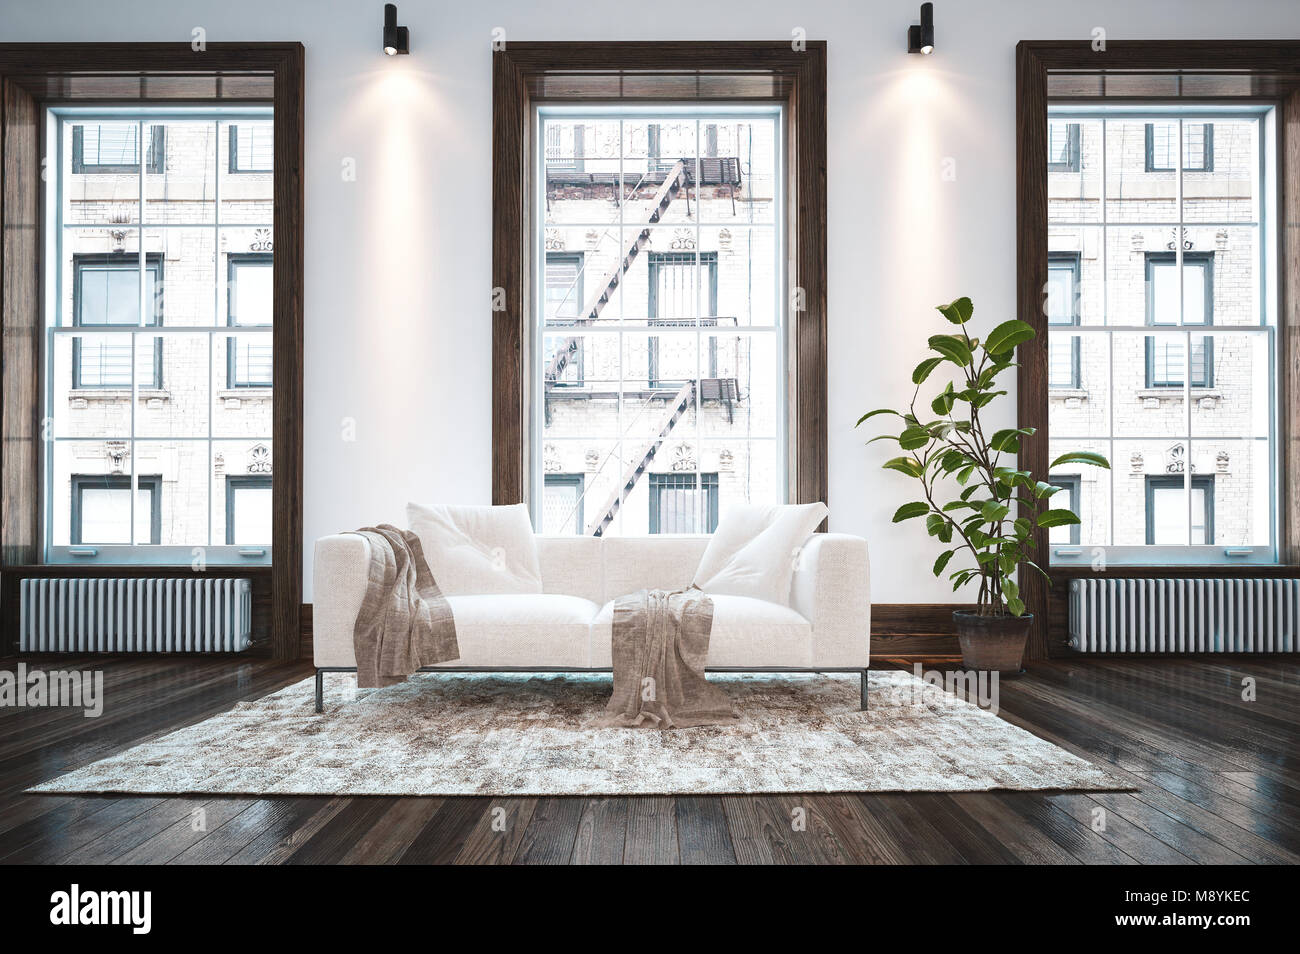 Eleganten Minimalistischen Schlafzimmer Wohnzimmer Einrichtung Mit